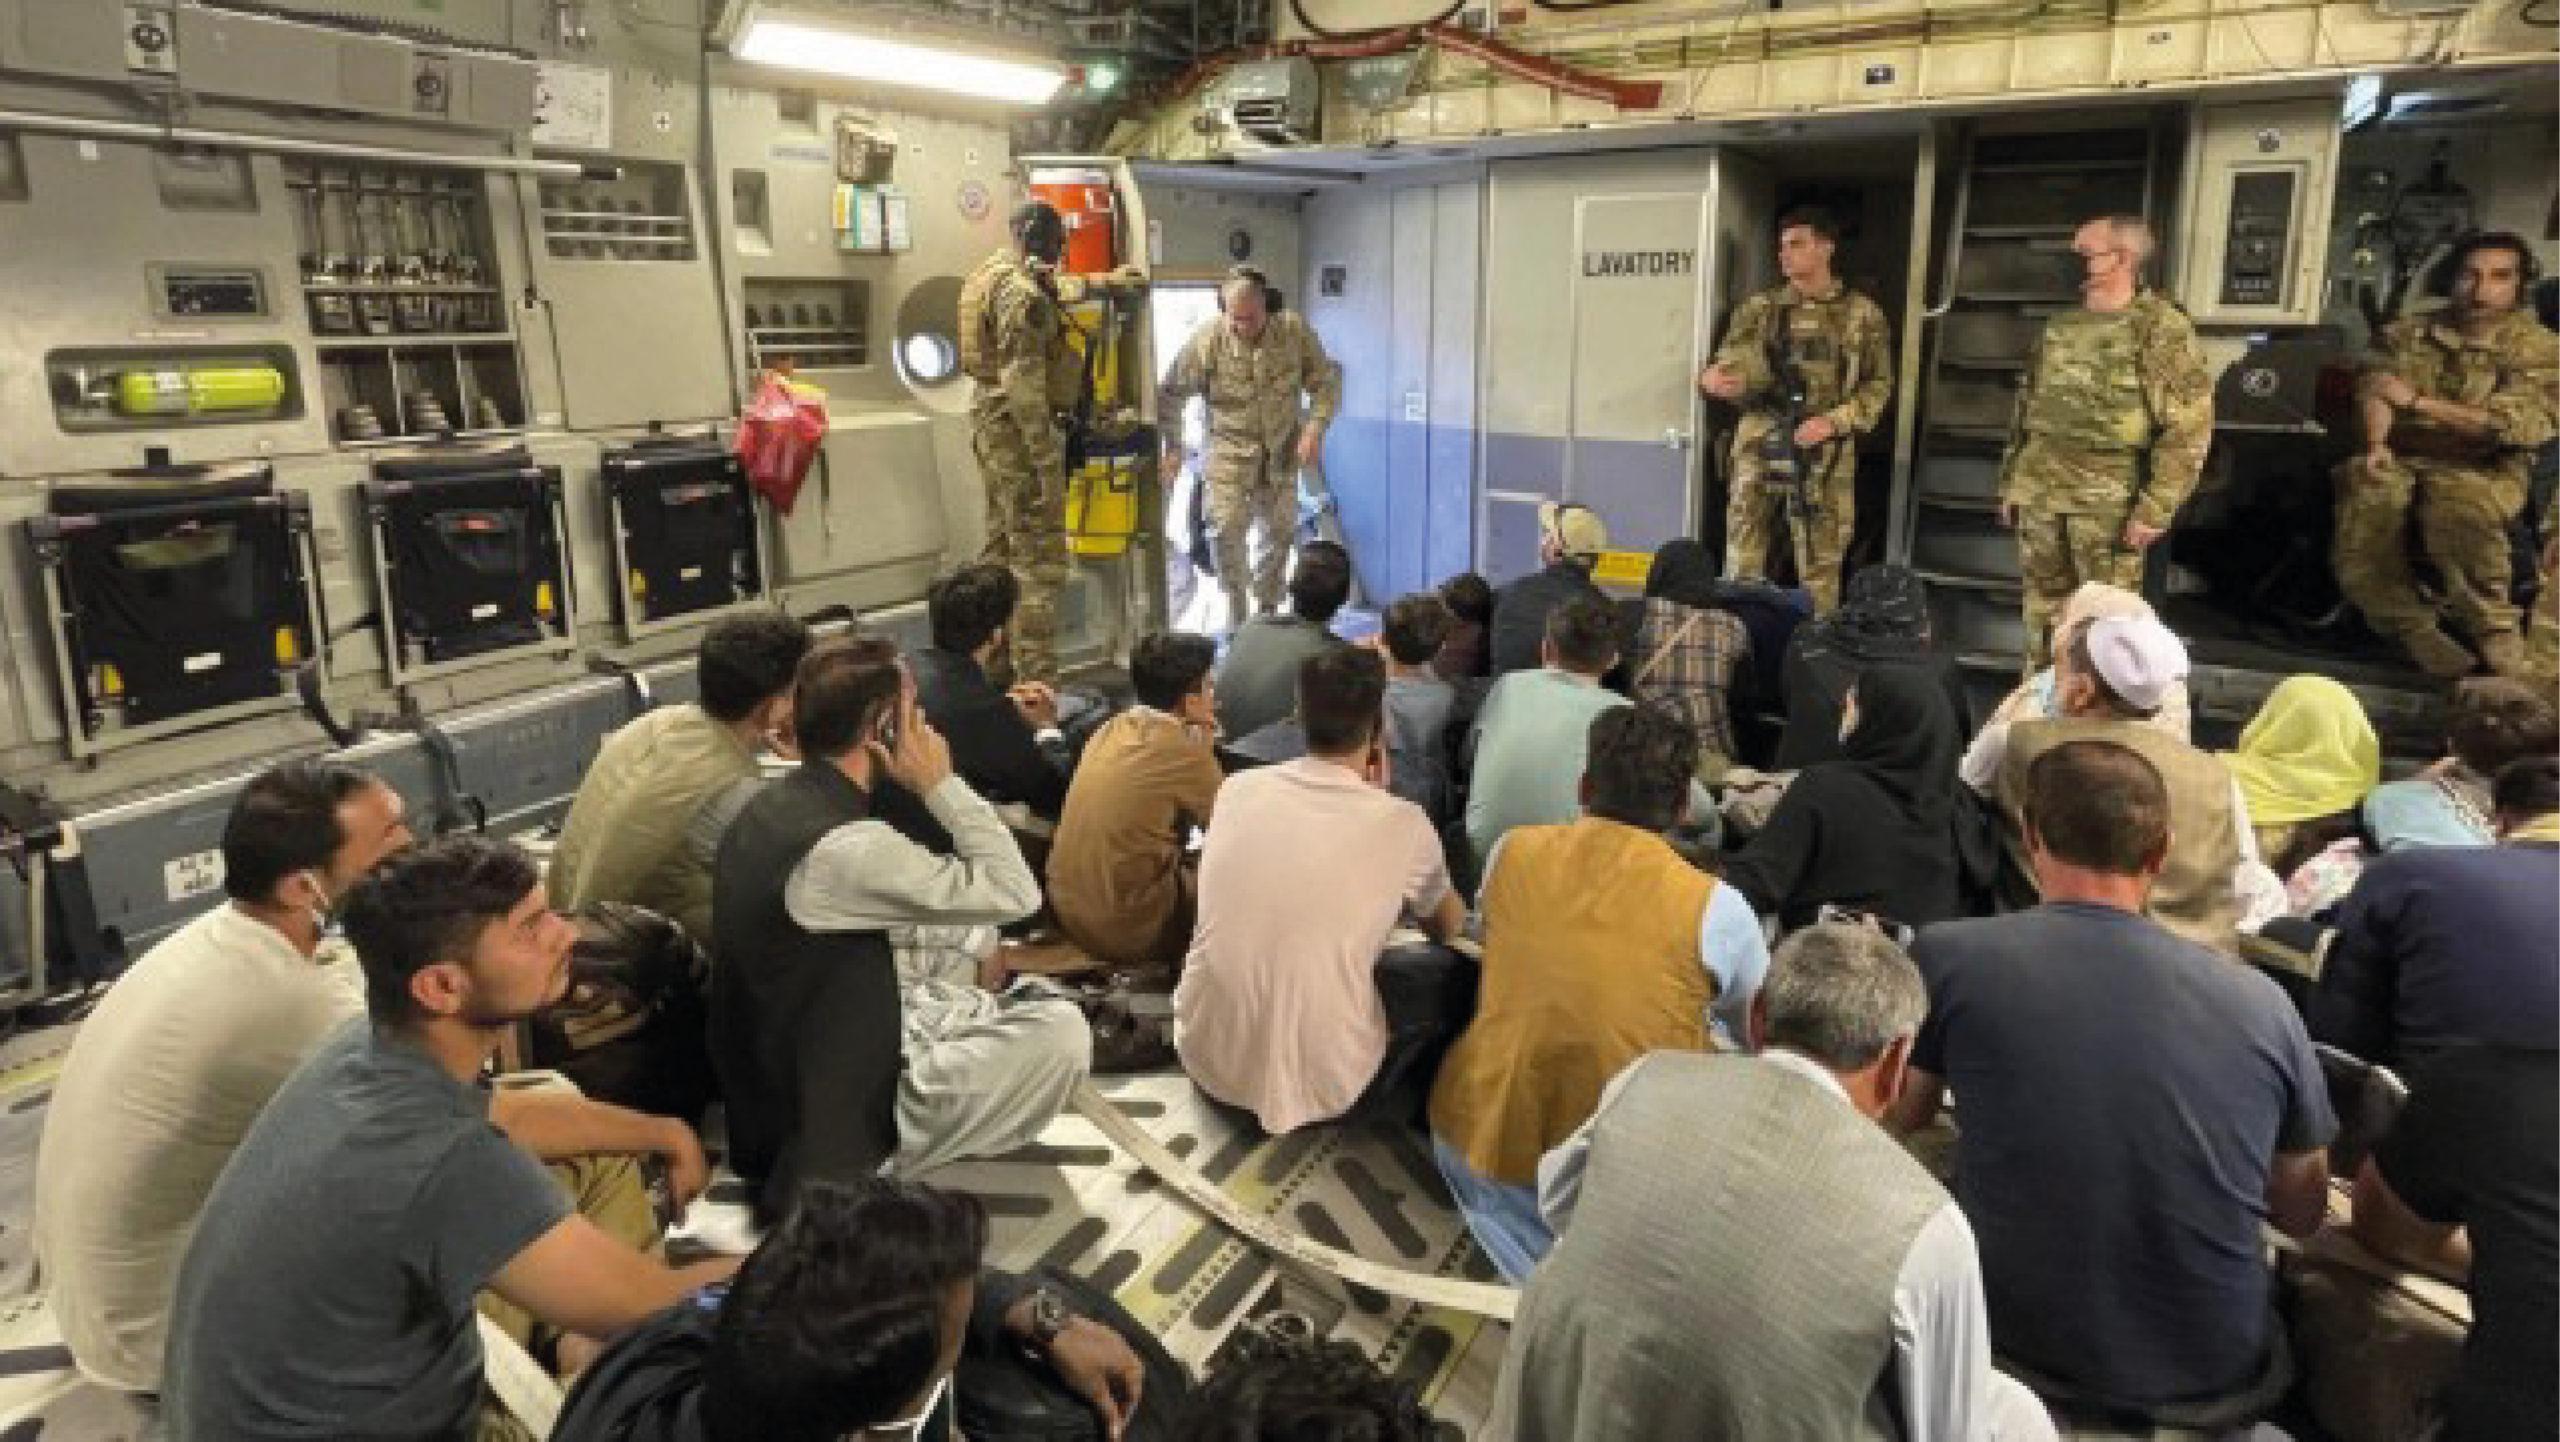 Prioridad en Afganistán es evacuar a quien merece ser evacuado: Harris